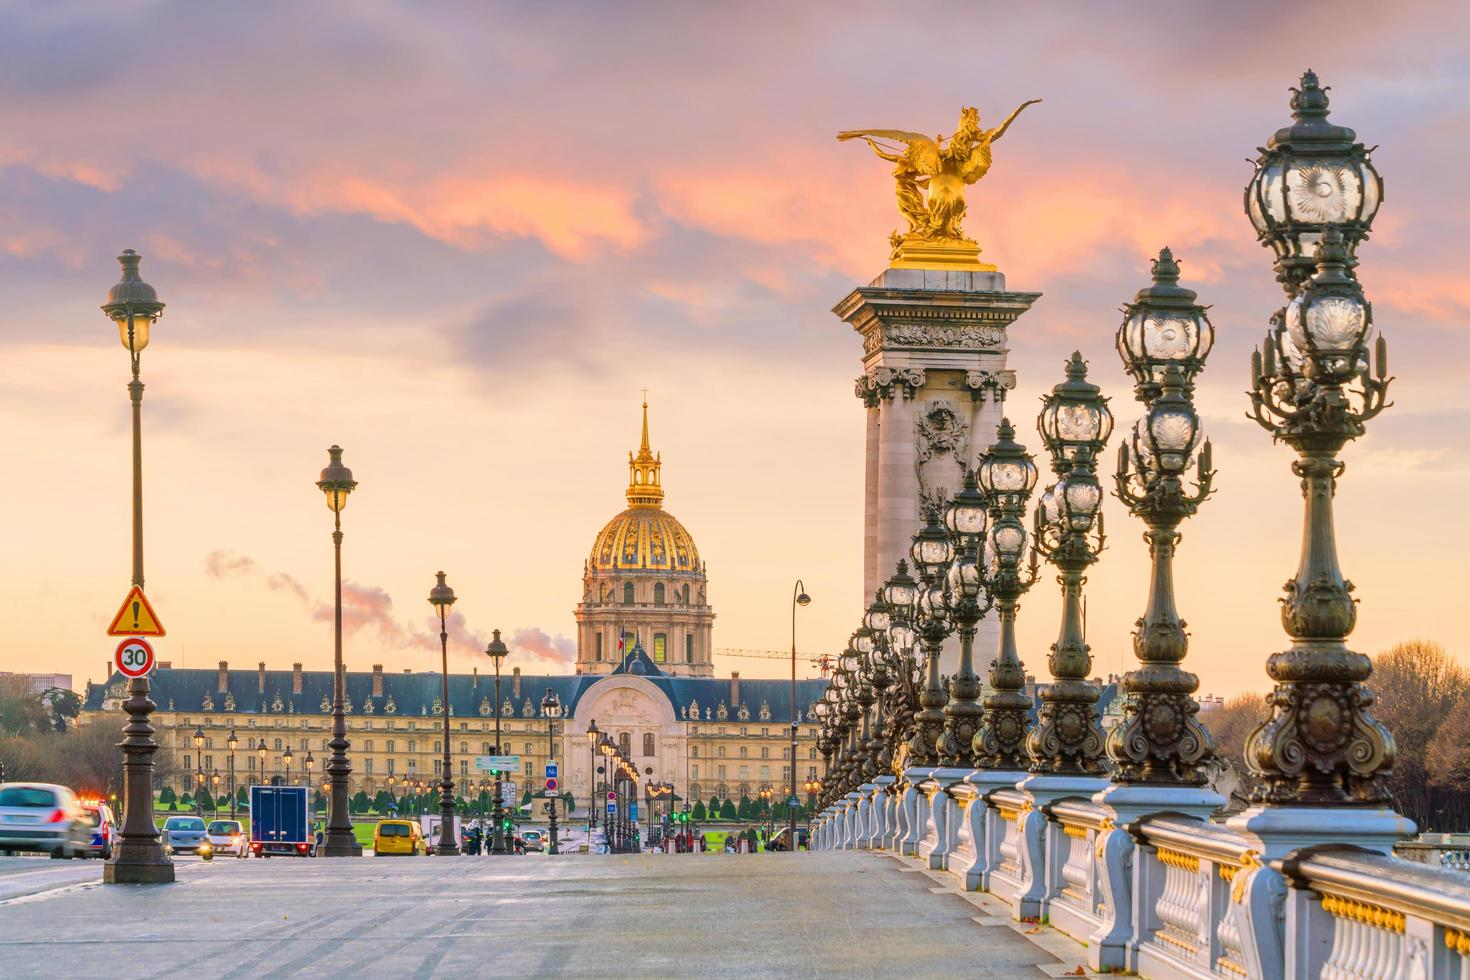 die alexander iii brücke über seine waden in paris foto